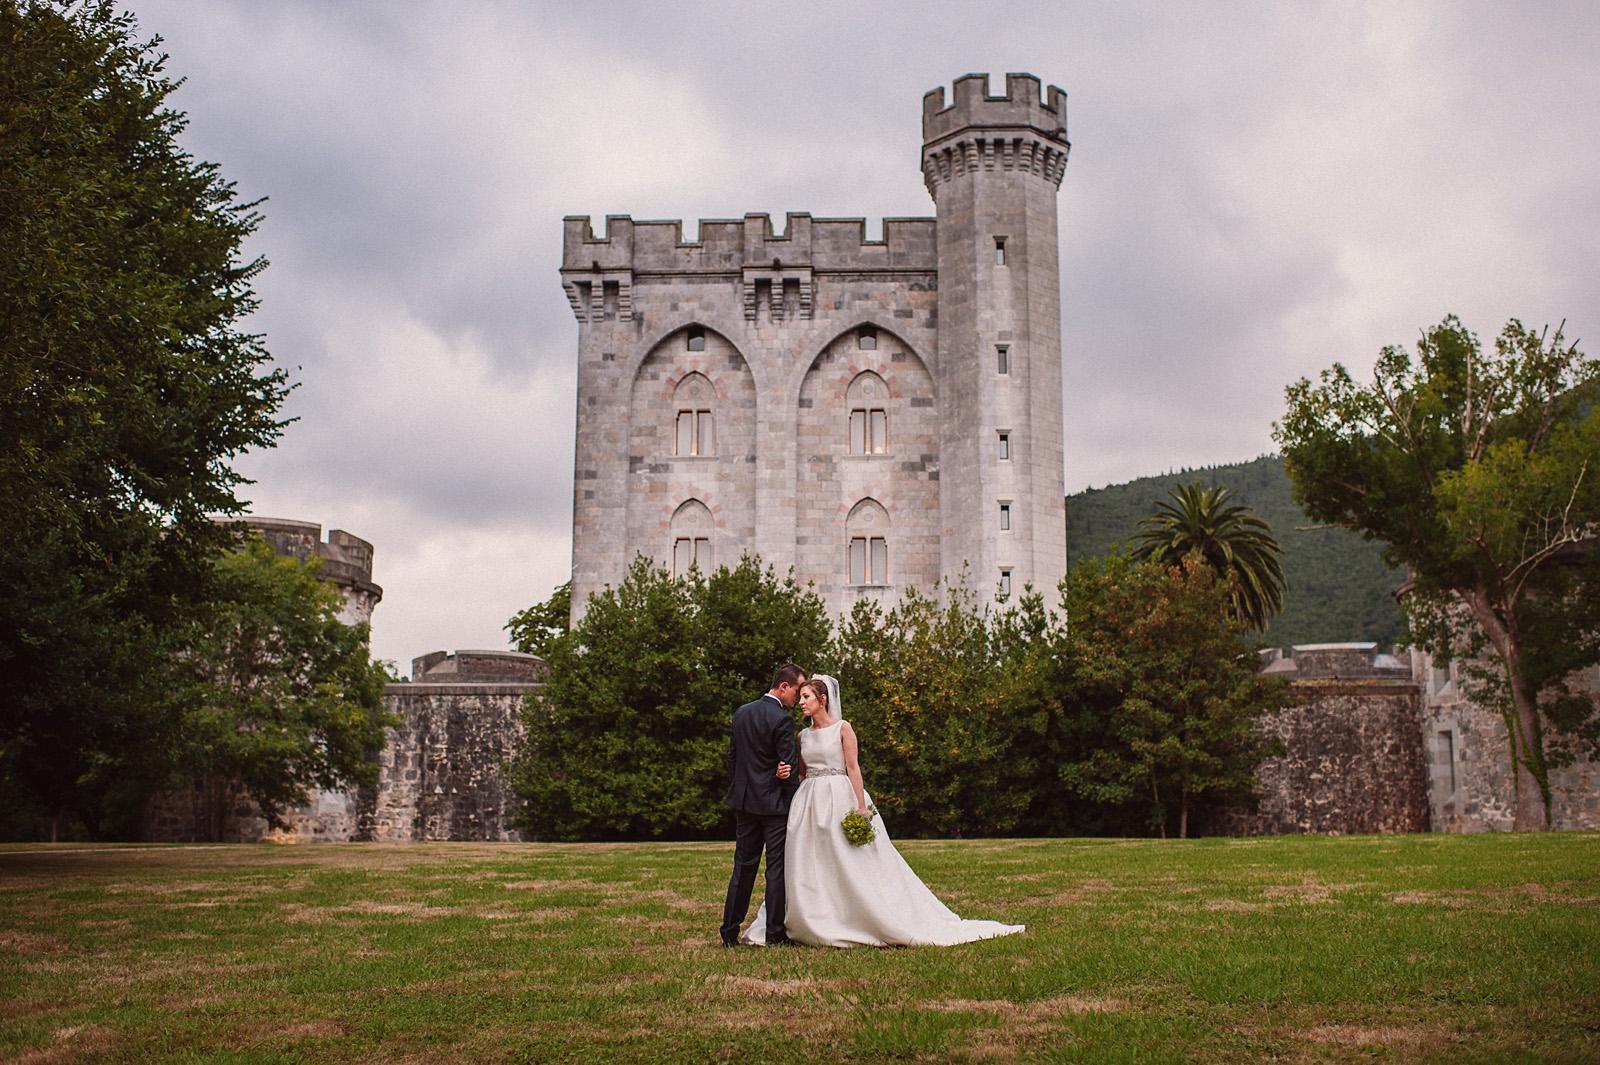 boda castillo arteaga